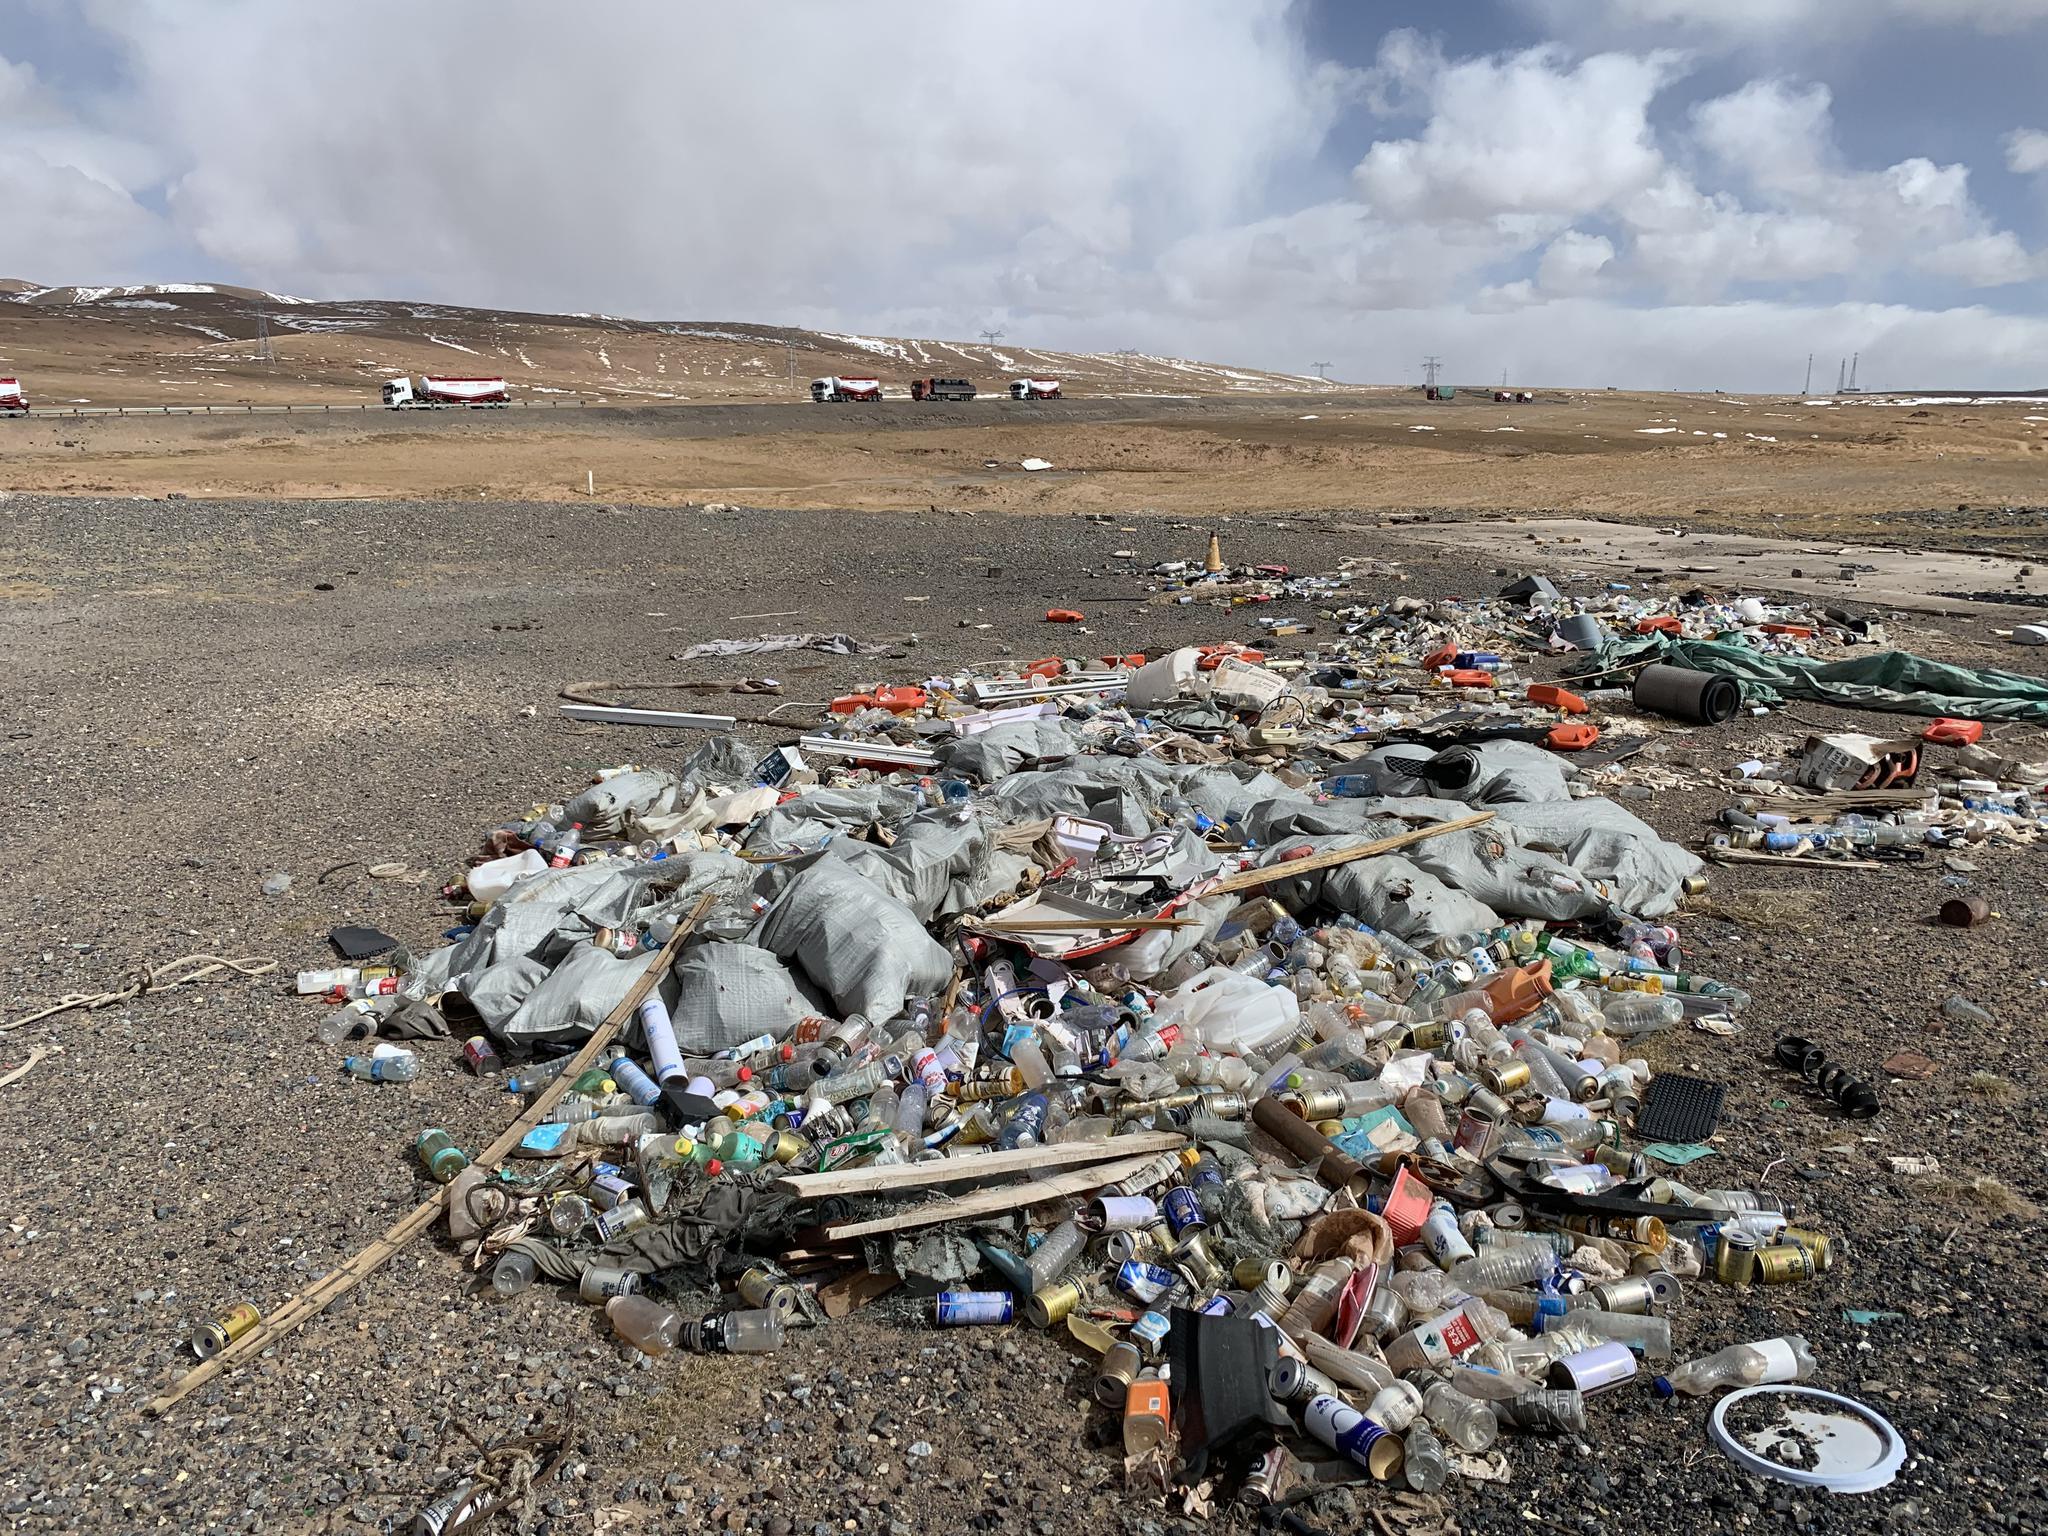 注:青藏公路,在3018公里牌的路牌附近的垃圾,2019年8月5日,金冠時 攝。   青藏公路為109國道的一部分,109國道全長3922千米。